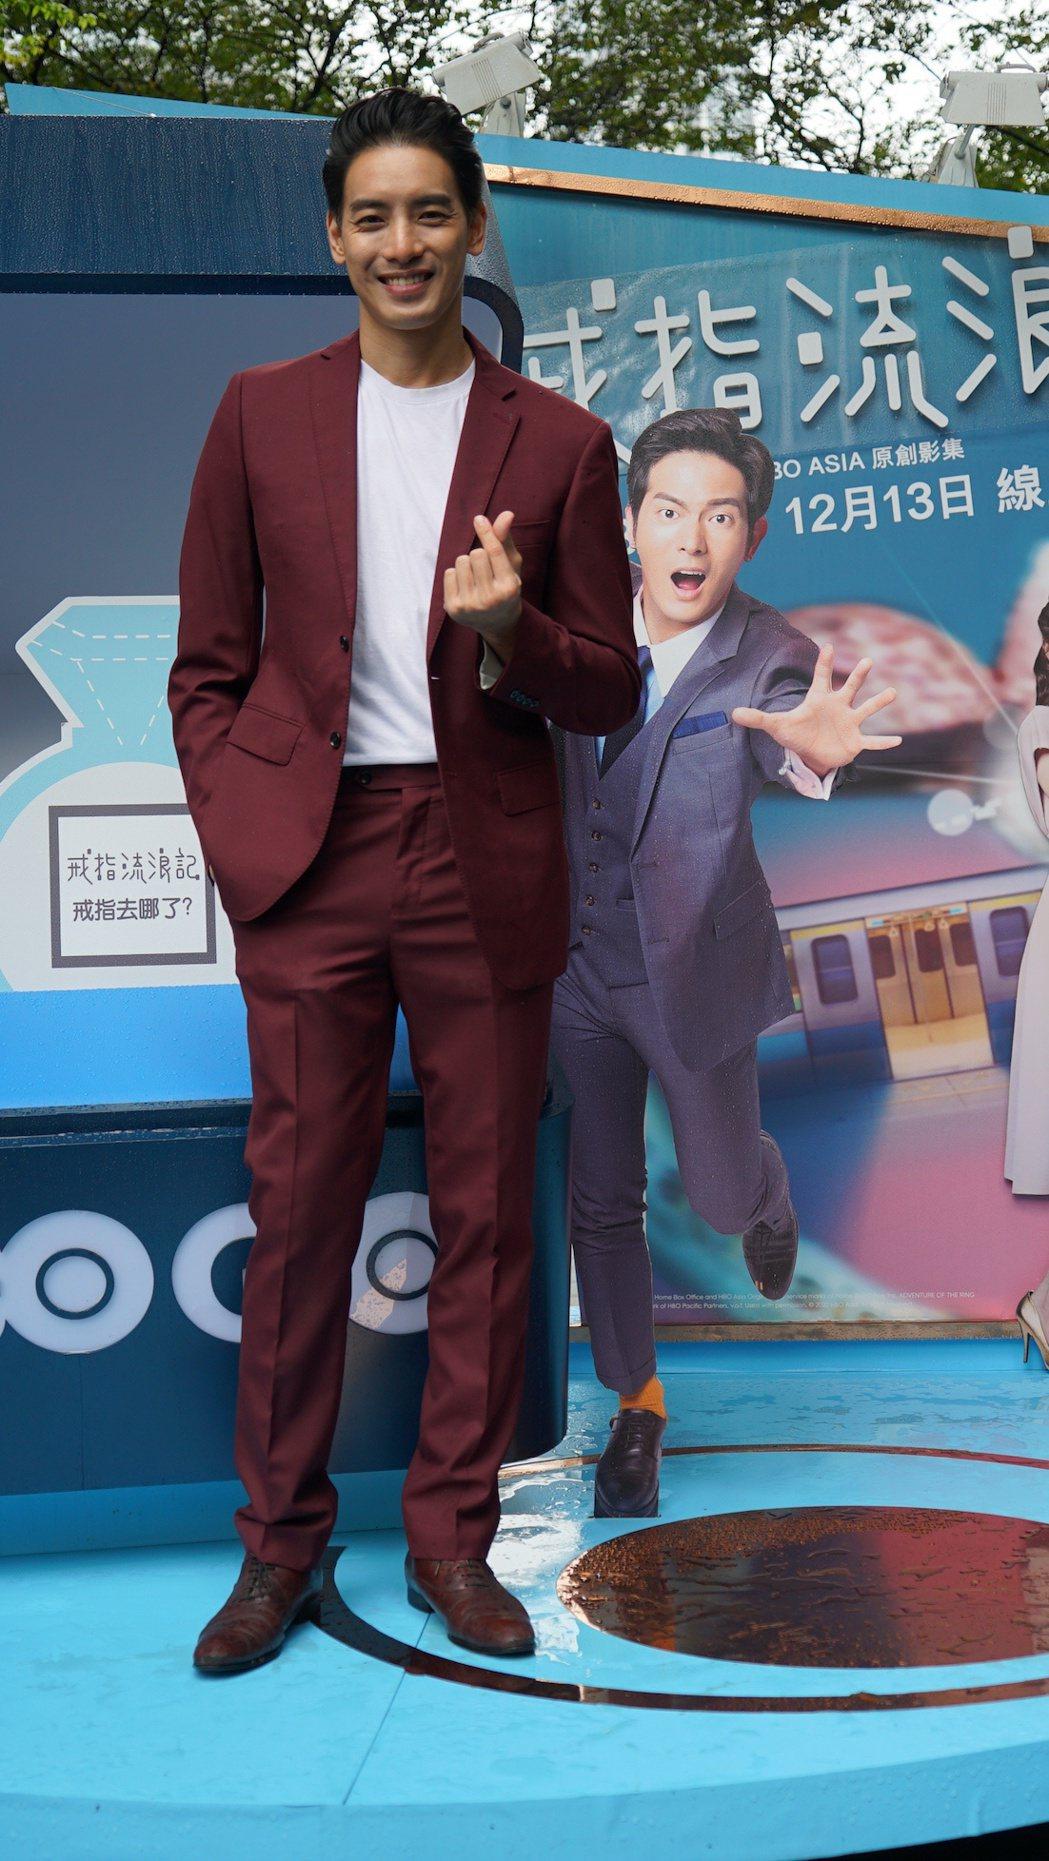 黃柏鈞出席 HBO Asia原創影集「戒指流浪記」活動。圖/台北市電影委員會提供